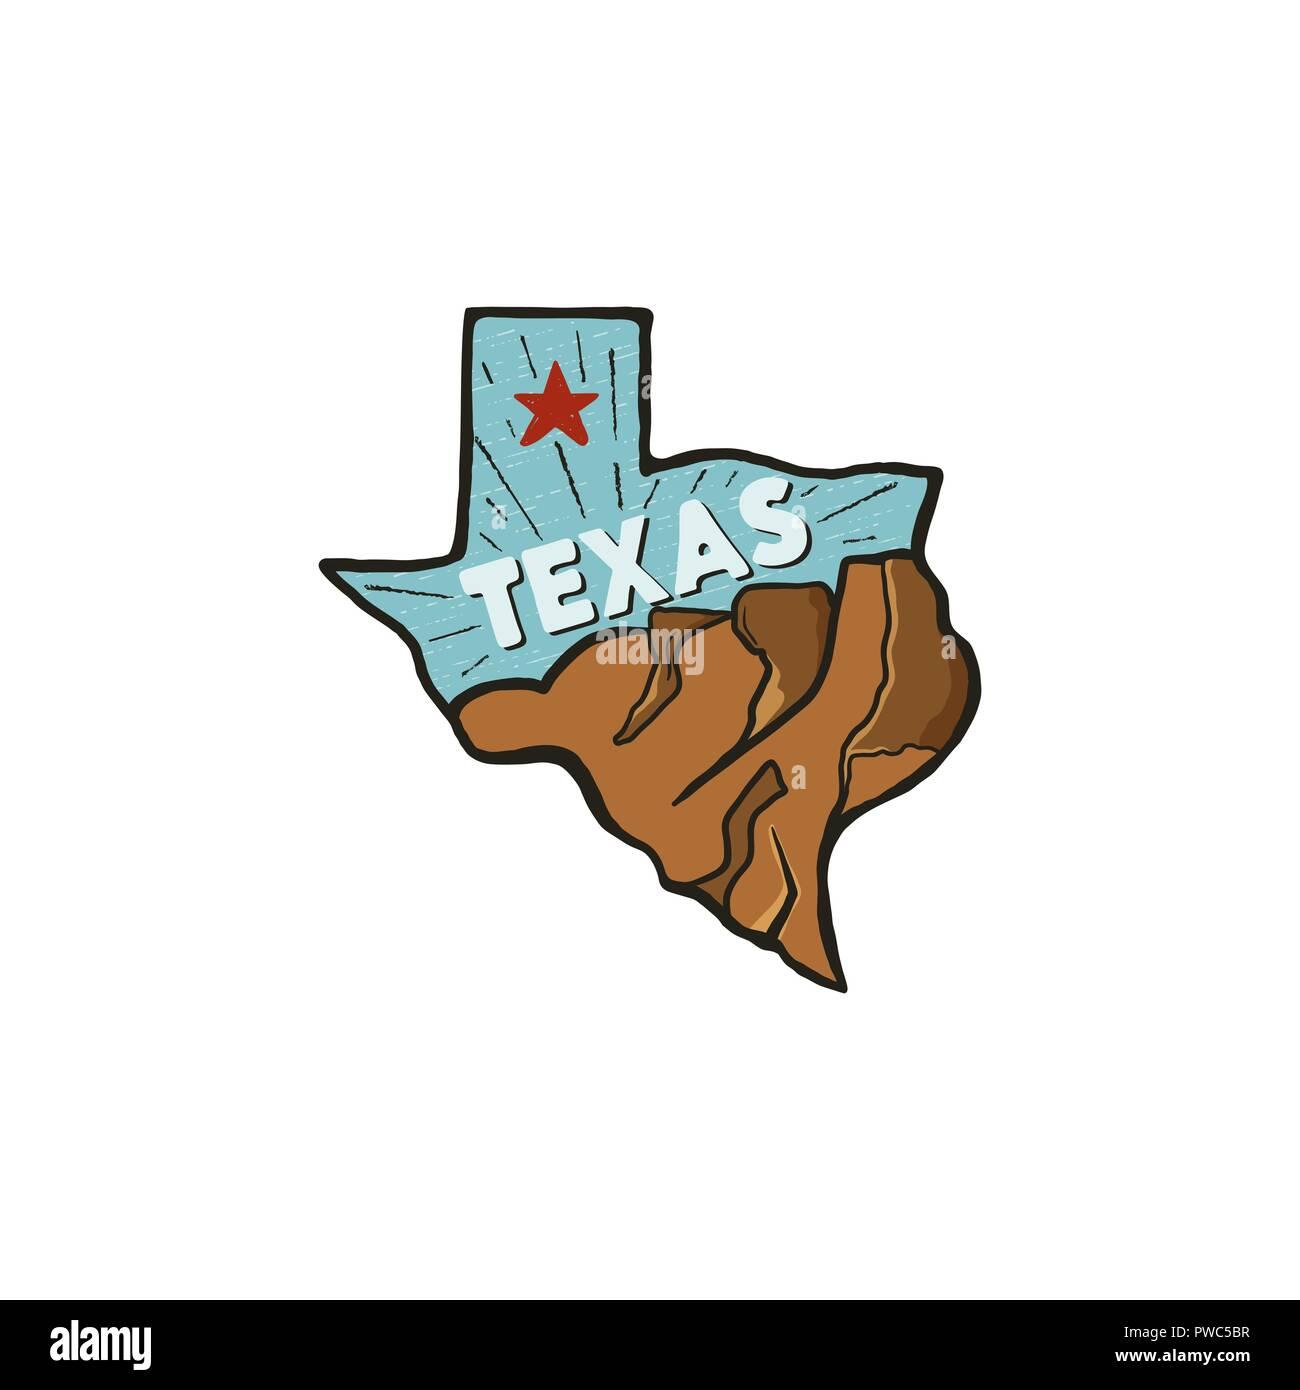 Dessiné à la main vintage badge badge de l'état du Texas, aux États-Unis. Icône de style plat, d'un logo. Avec montagnes, étoile rouge. Patch rétro, logotype. Nice pour T-shirts imprimés, stamp. Stock vector isolated on white Illustration de Vecteur